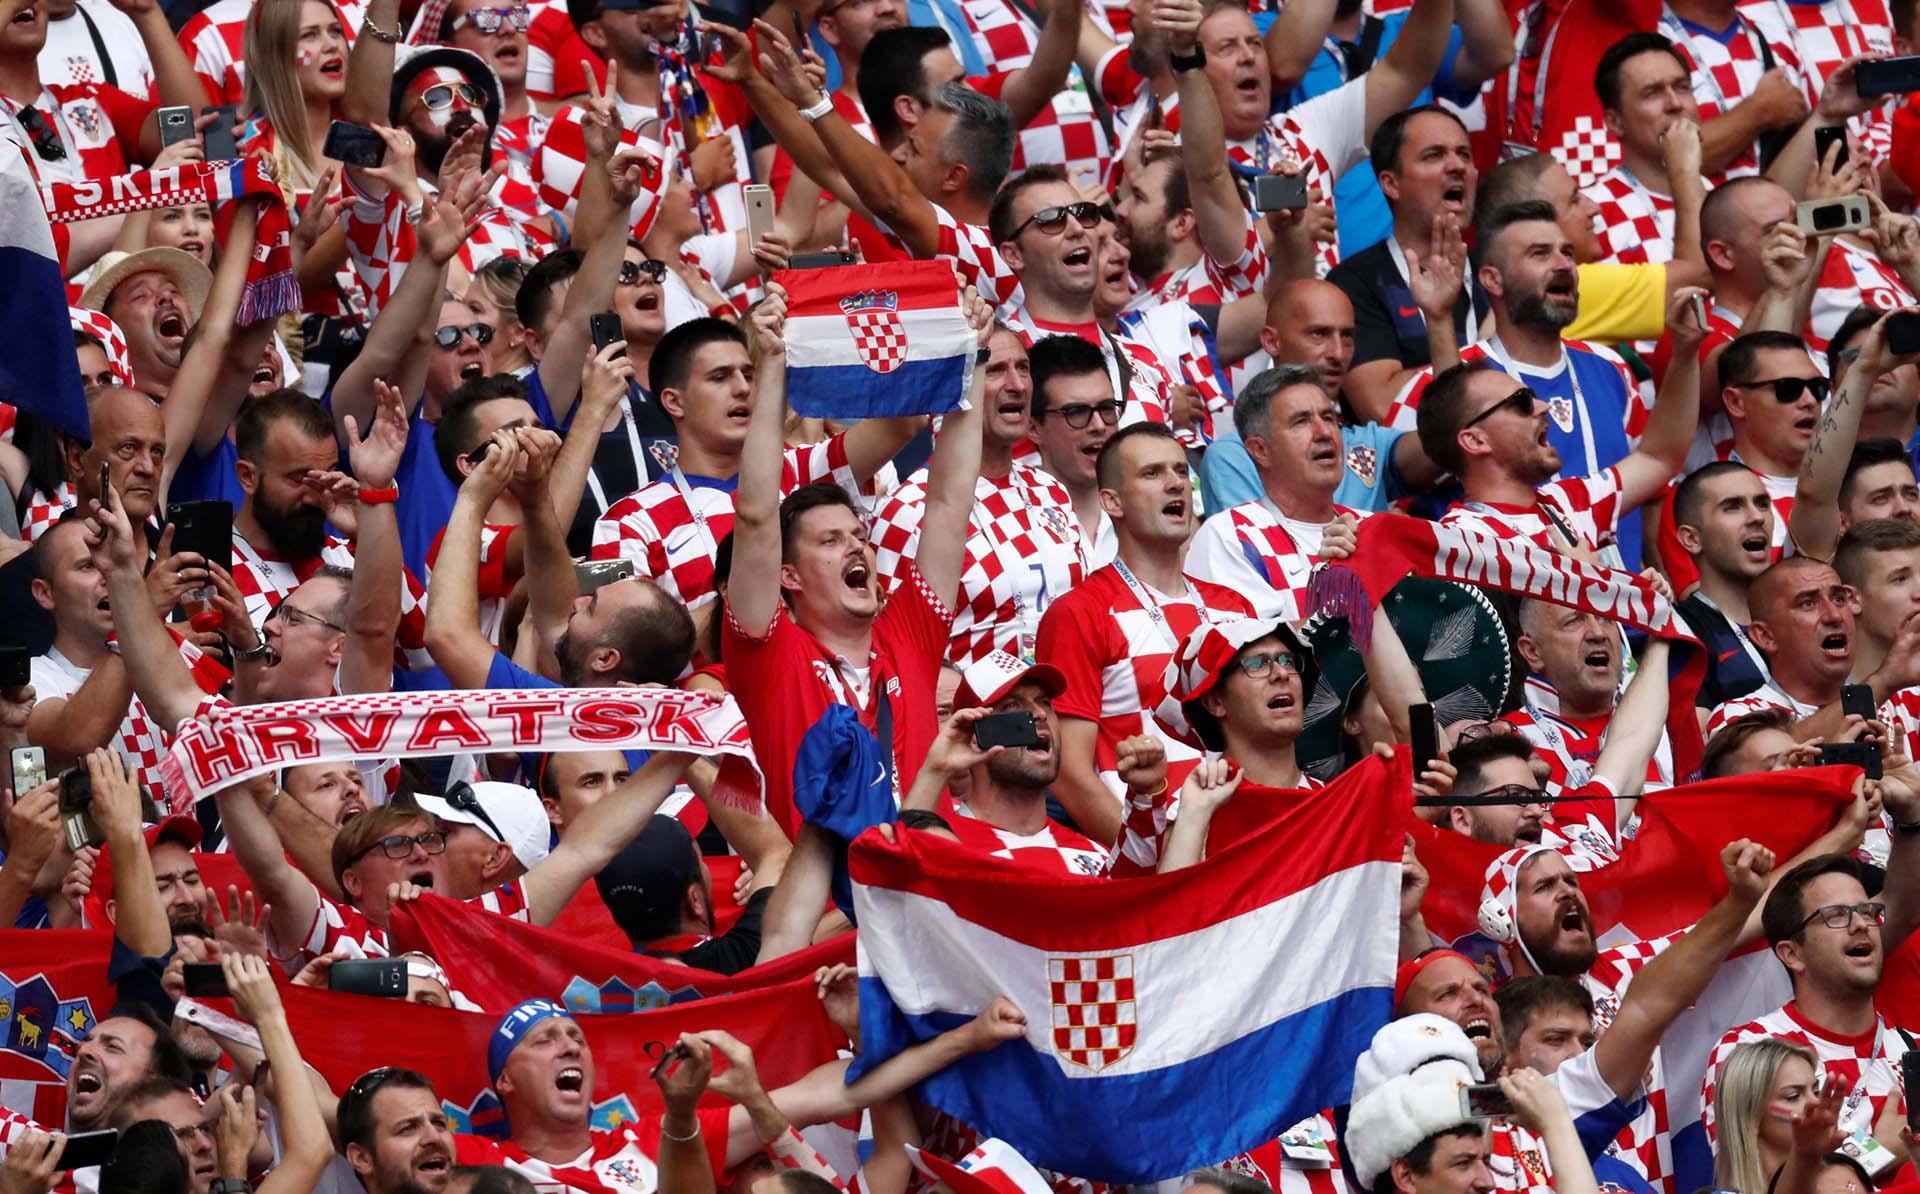 MUNDIAL DE FUTBOL RUSIA 2018, NOTÍCIAS Y CURIOSIDADES - Página 7 Final-Mundial-Rusia-2018-Francia-Croacia-71